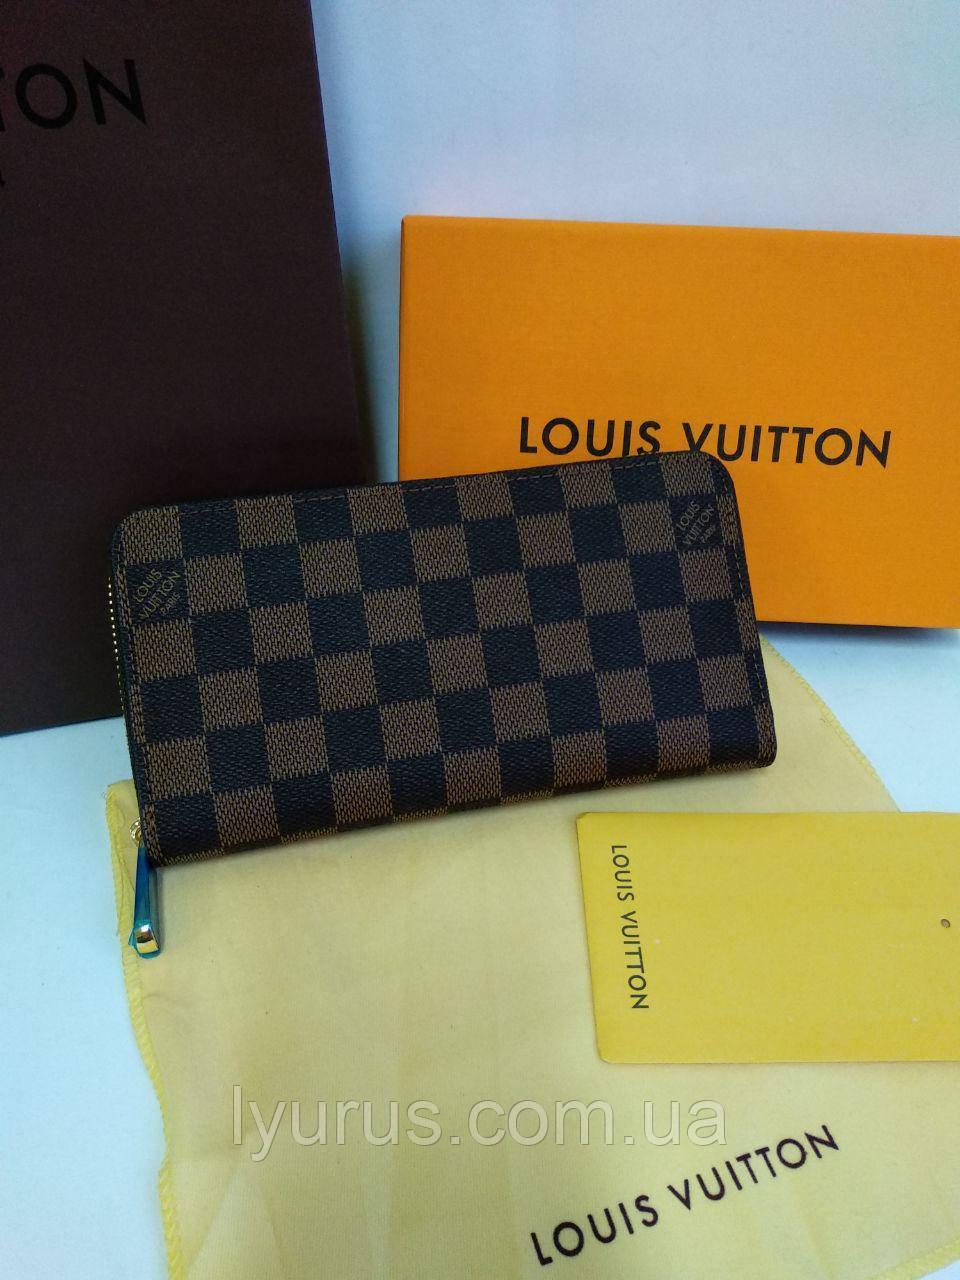 cf5a54c059c9 Кожаный кошелек Louis Vuitton Луи Виттон - Интернет магазин LyuRus в Полтаве